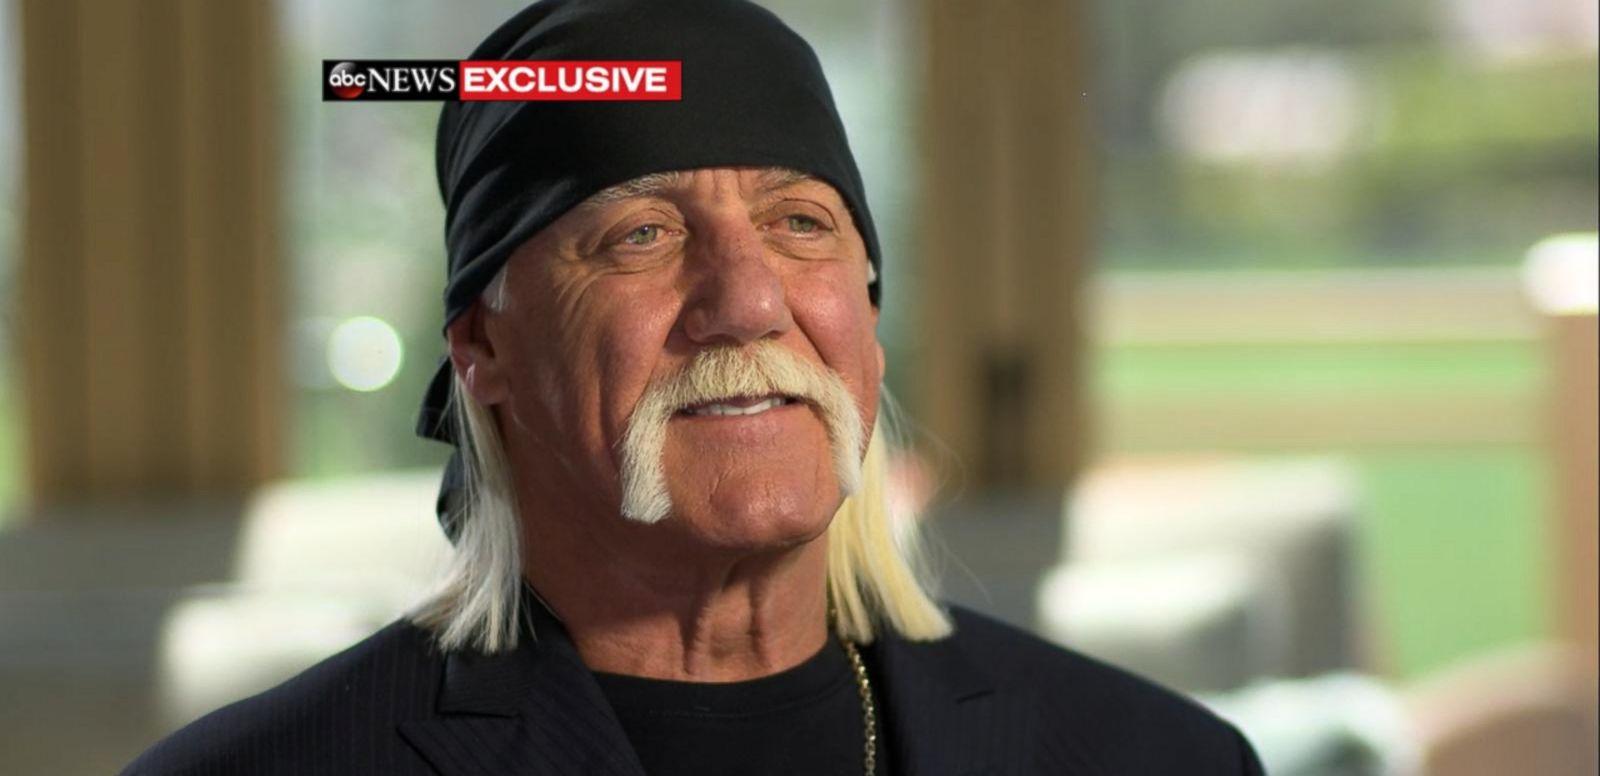 VIDEO: Hulk Hogan Exclusive: Verdict Was Overwhelming